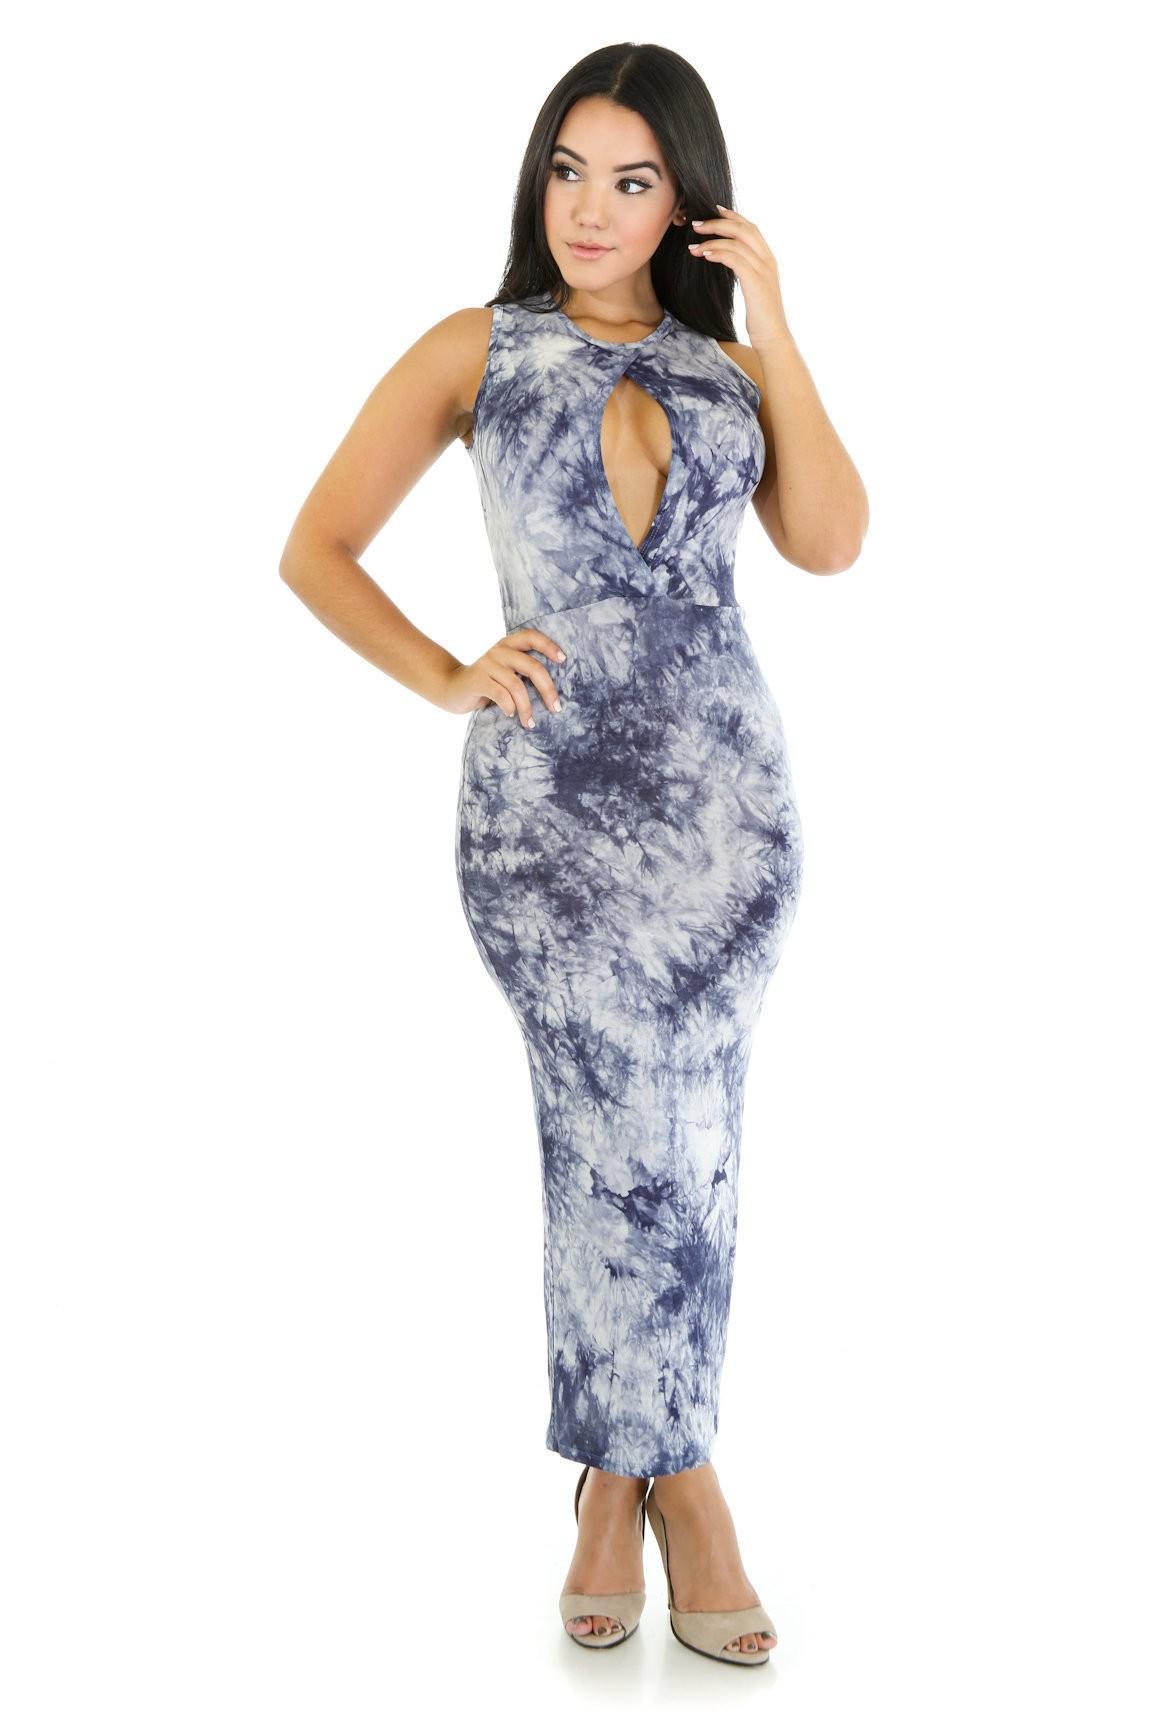 Storm Peep Hole Dress